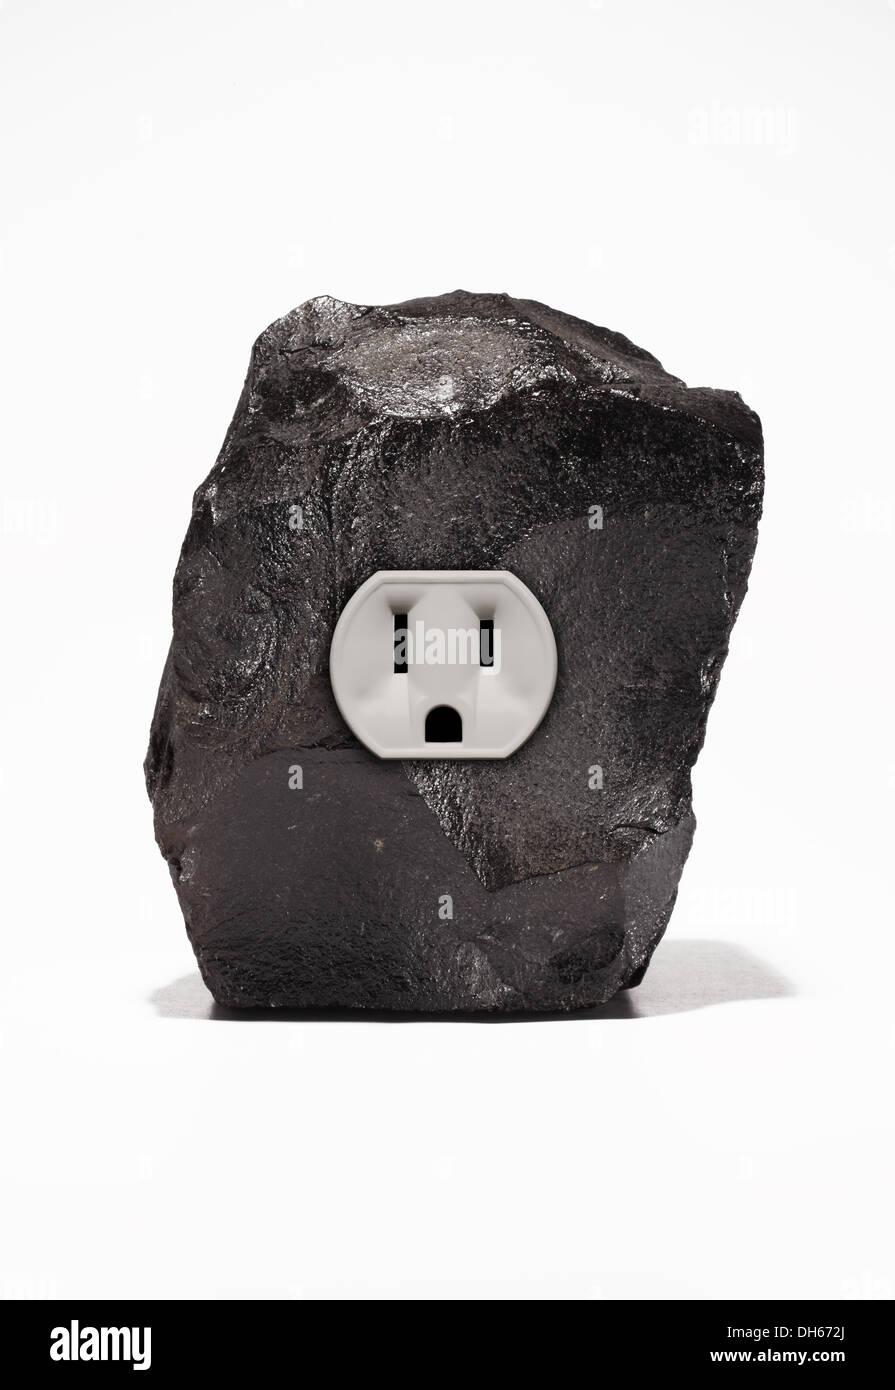 Un gran trozo de carbón negro con una sola toma de corriente eléctrica. Fondo blanco Imagen De Stock